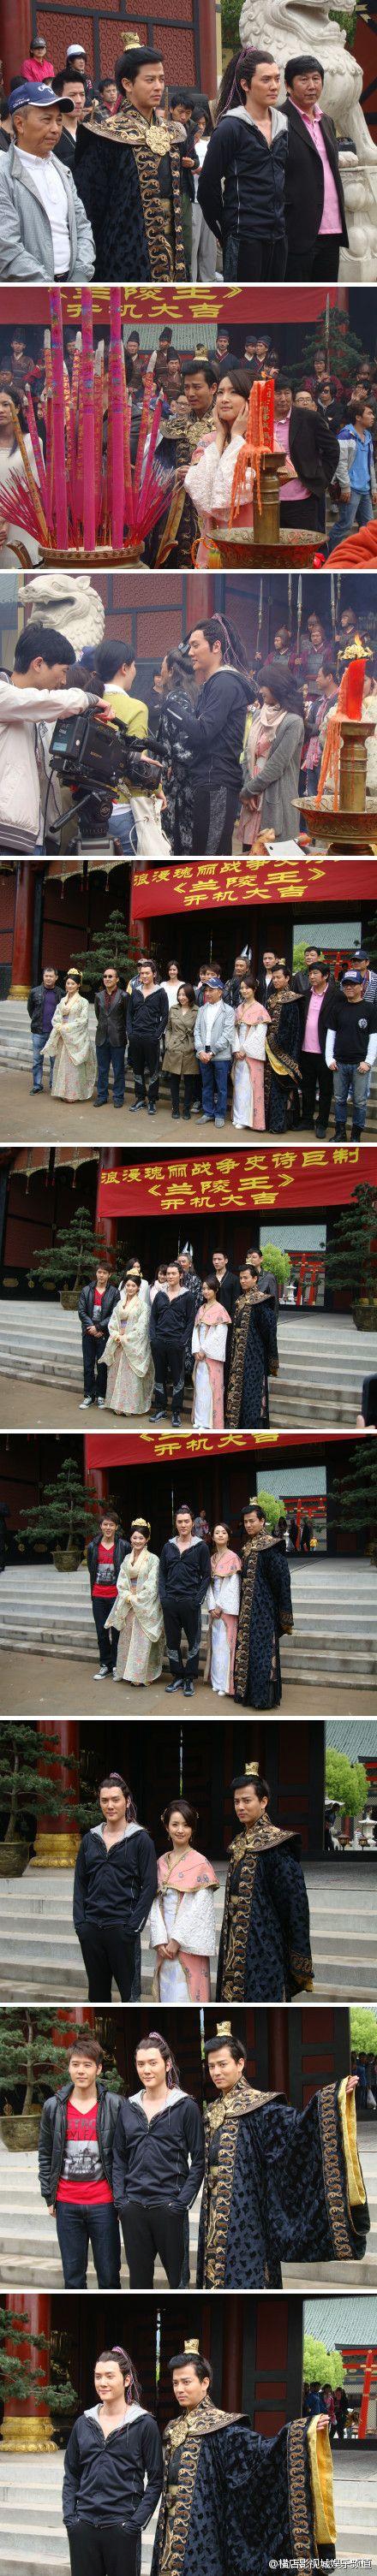 Lan Ling Wang 《兰陵王》 - Feng Shao Feng, Ariel Lin, Daniel Chan - Page 2